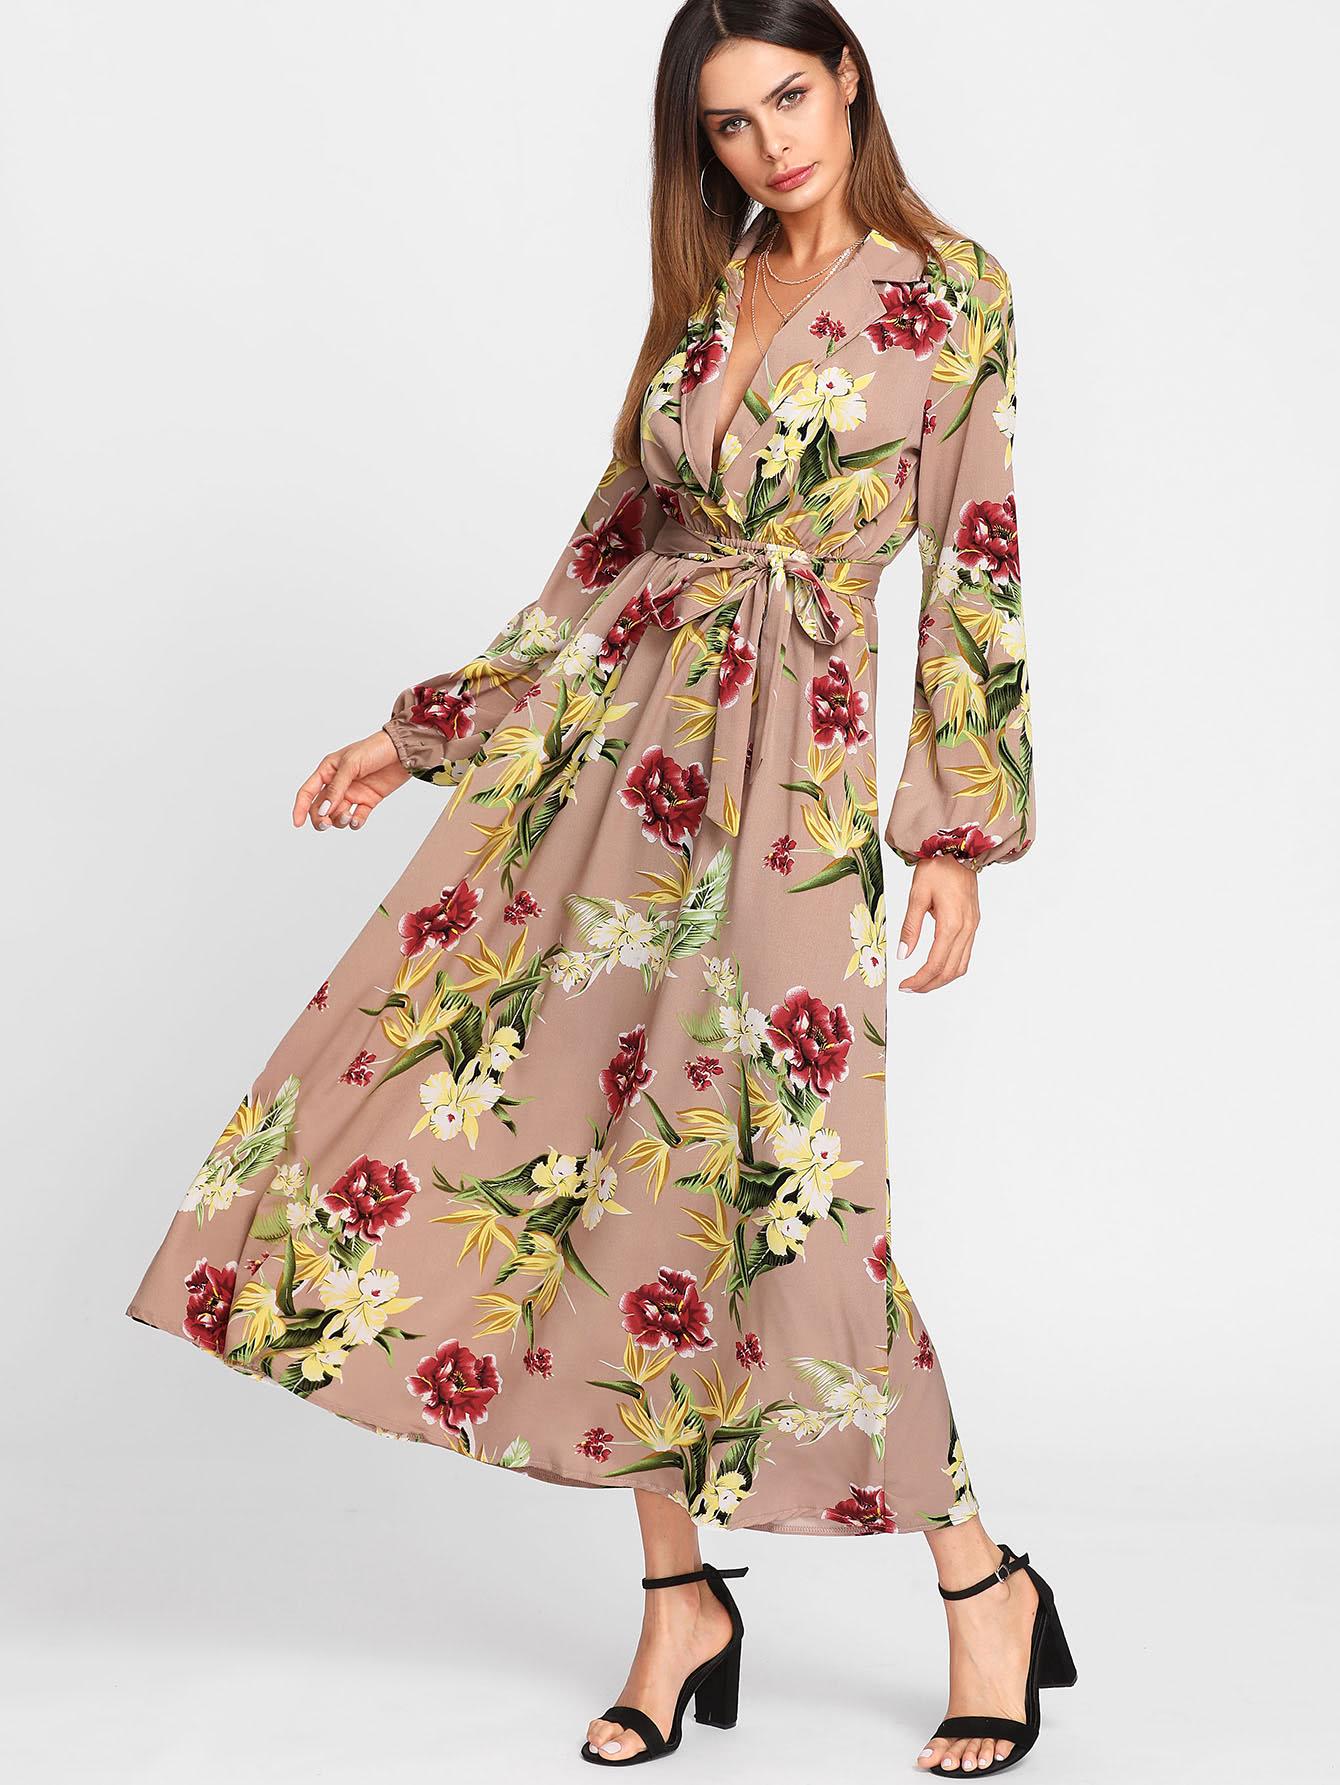 Купить Модное платье с запахом и цветочным принтом, рукав-фонарик, Andy, SheIn